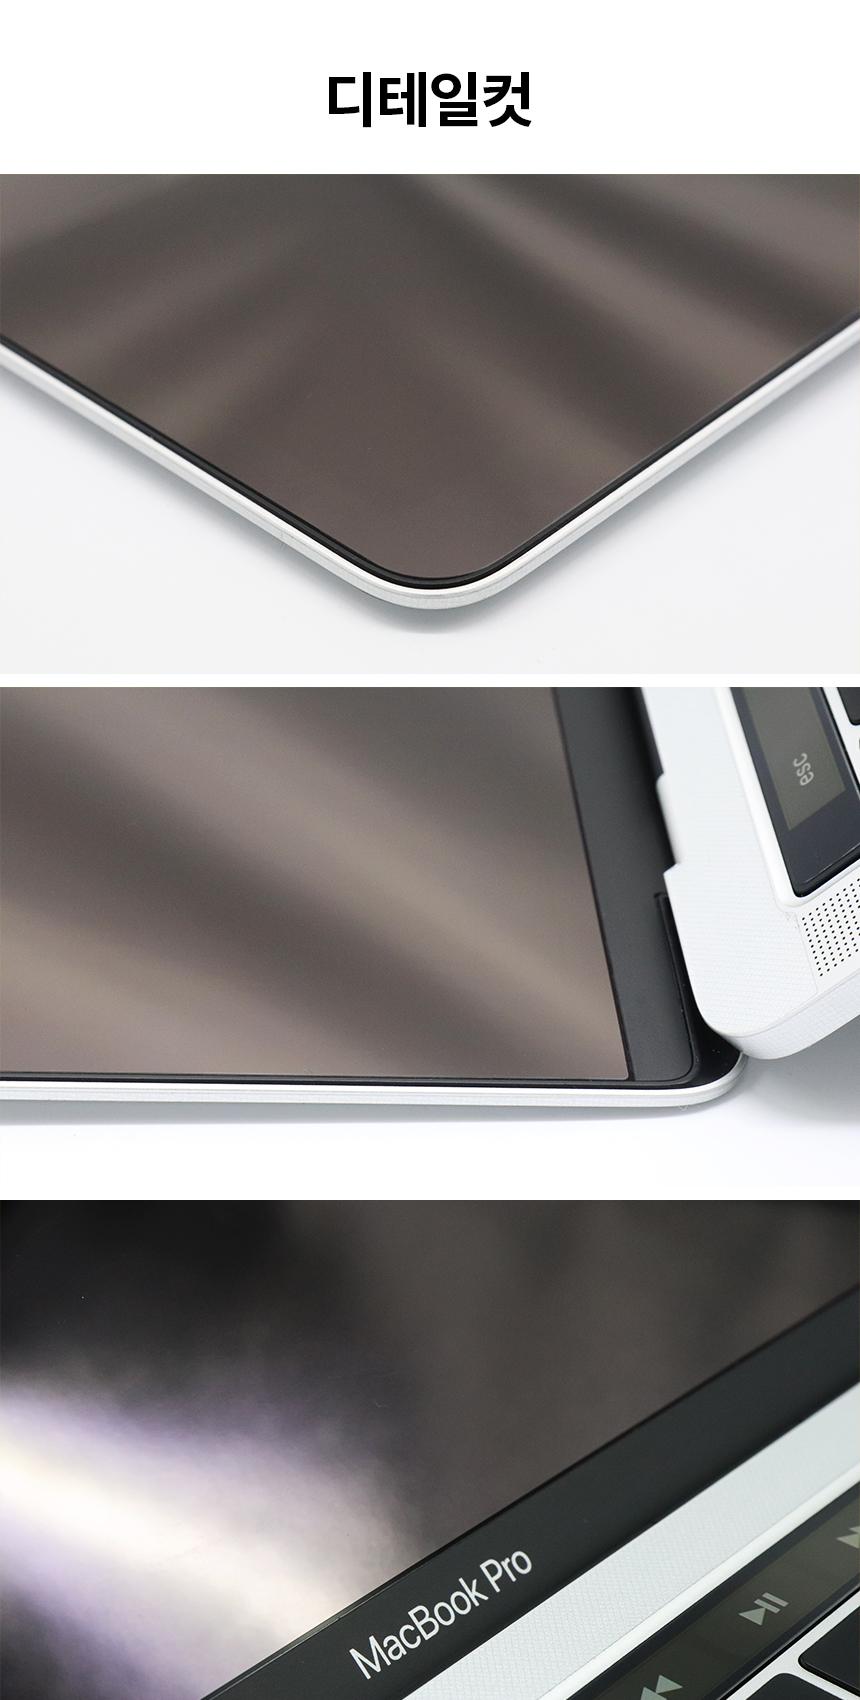 맥북프로 2018 13  터치바 올레포빅 액정필름 - 스코코, 19,800원, 노트북 액정보호필름, 35.56cm~39.62cm